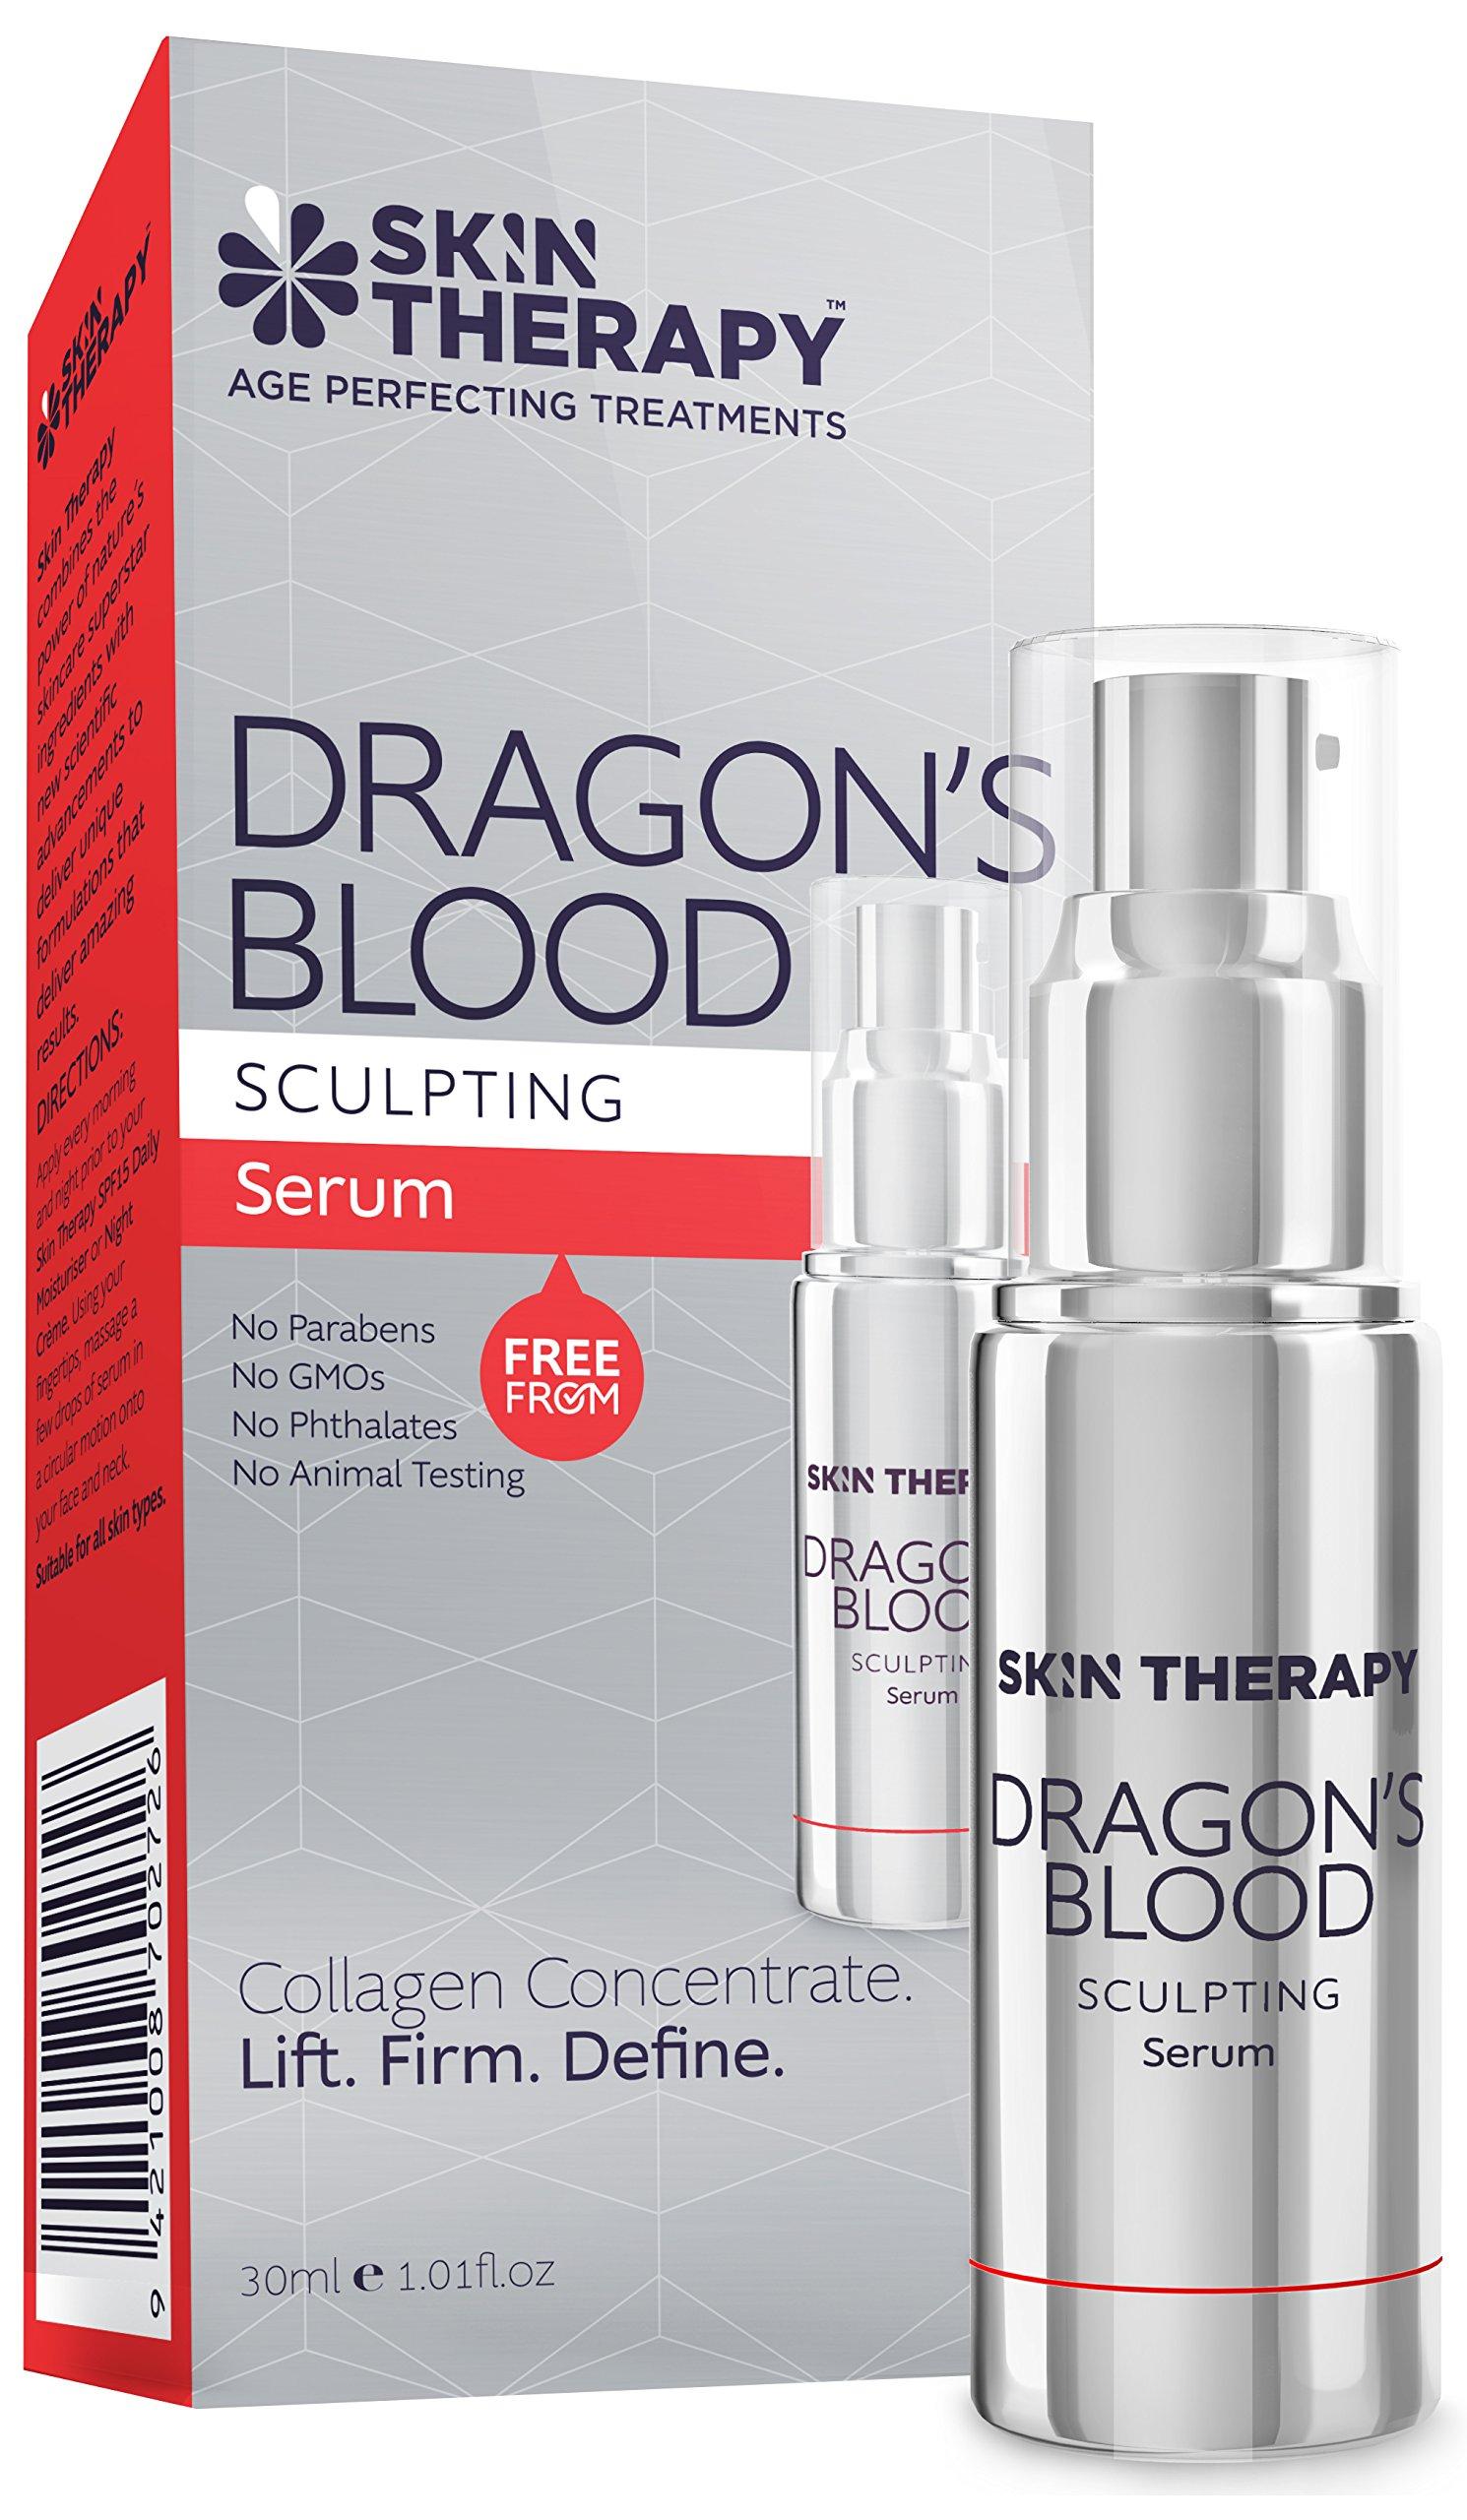 Skin Therapy Dragons Blood Serum, 30ml (1oz)